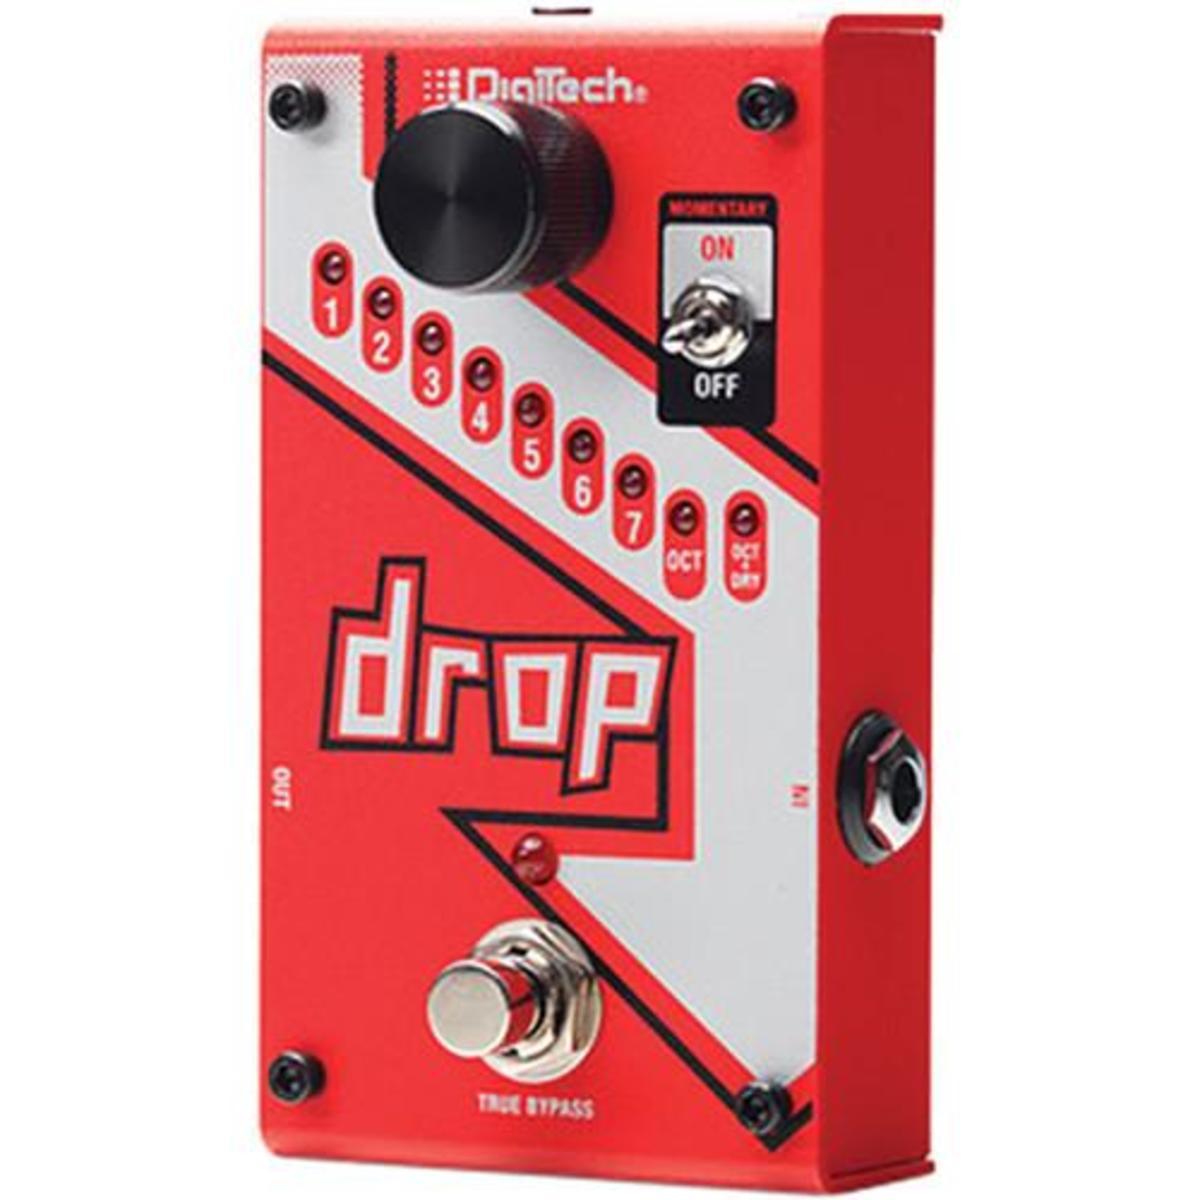 product-review-digitech-drop